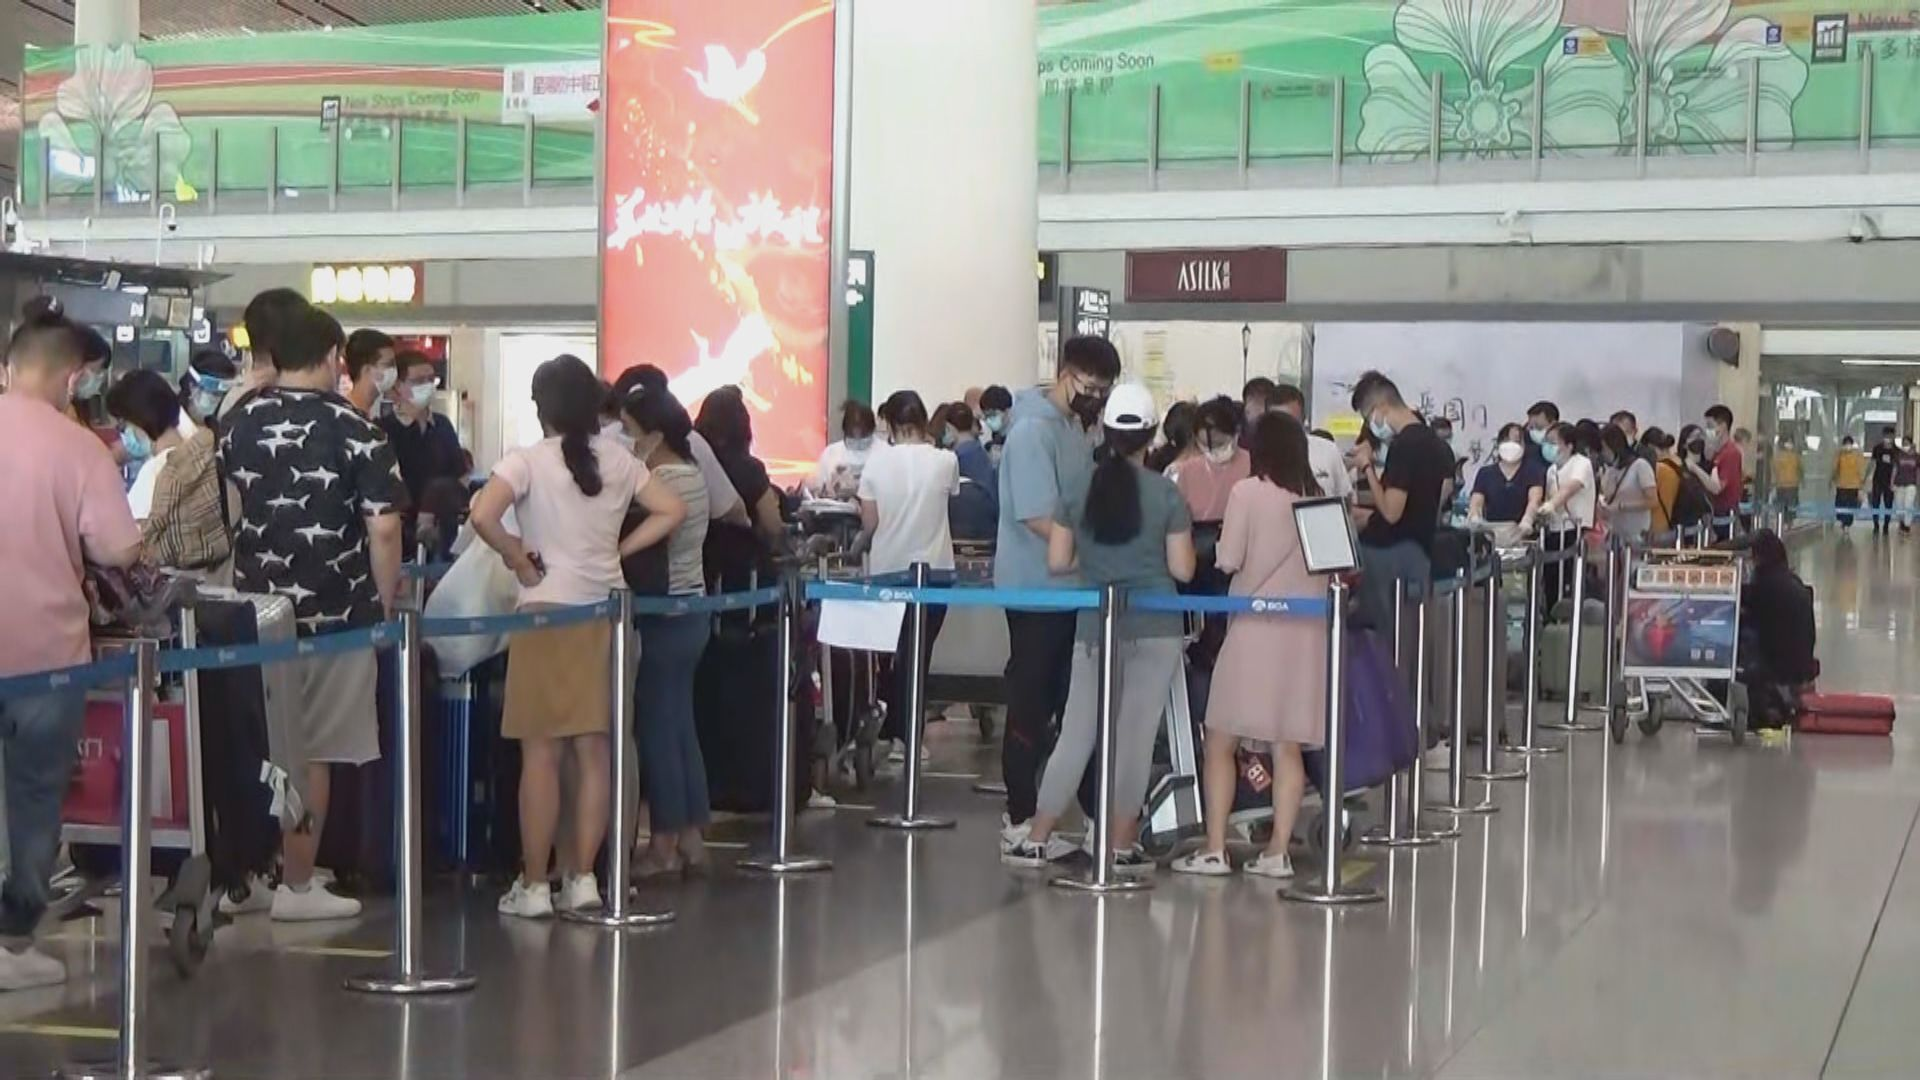 京滬機場現赴美留學人潮 留學生:機票很難買